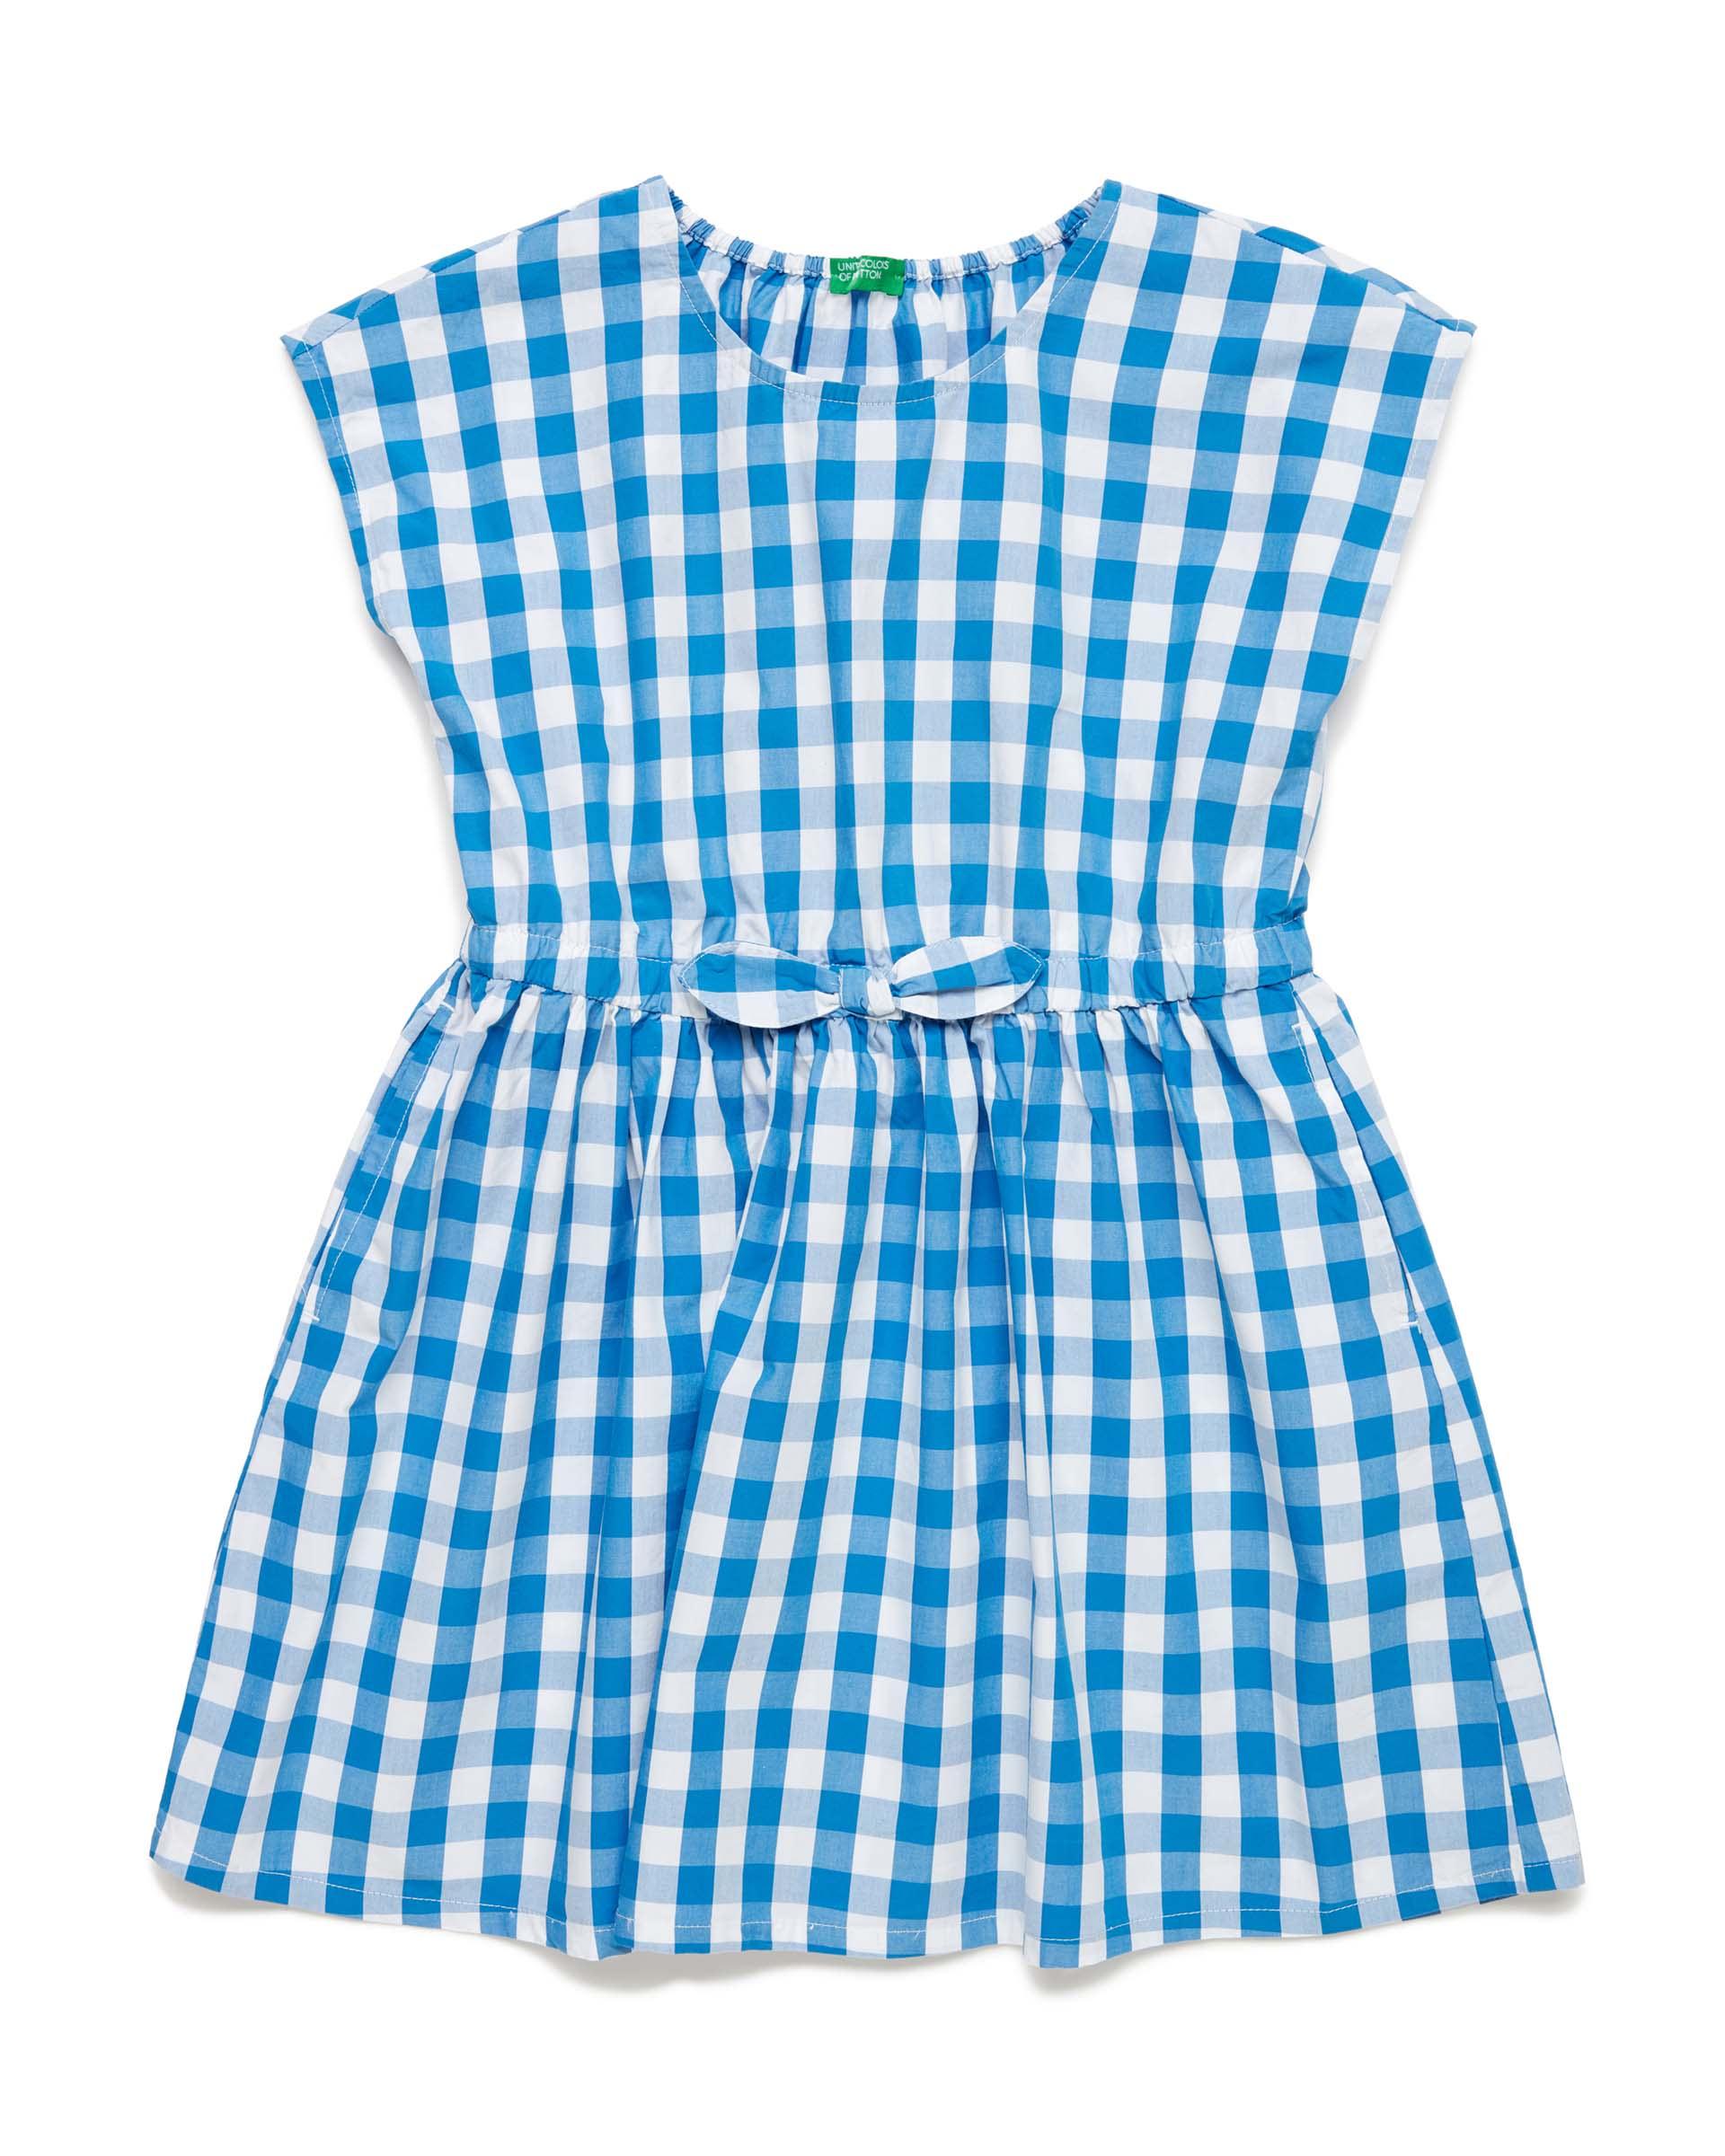 Купить 20P_4OT75VDG0_910, Платье для девочек Benetton 4OT75VDG0_910 р-р 128, United Colors of Benetton, Платья для девочек